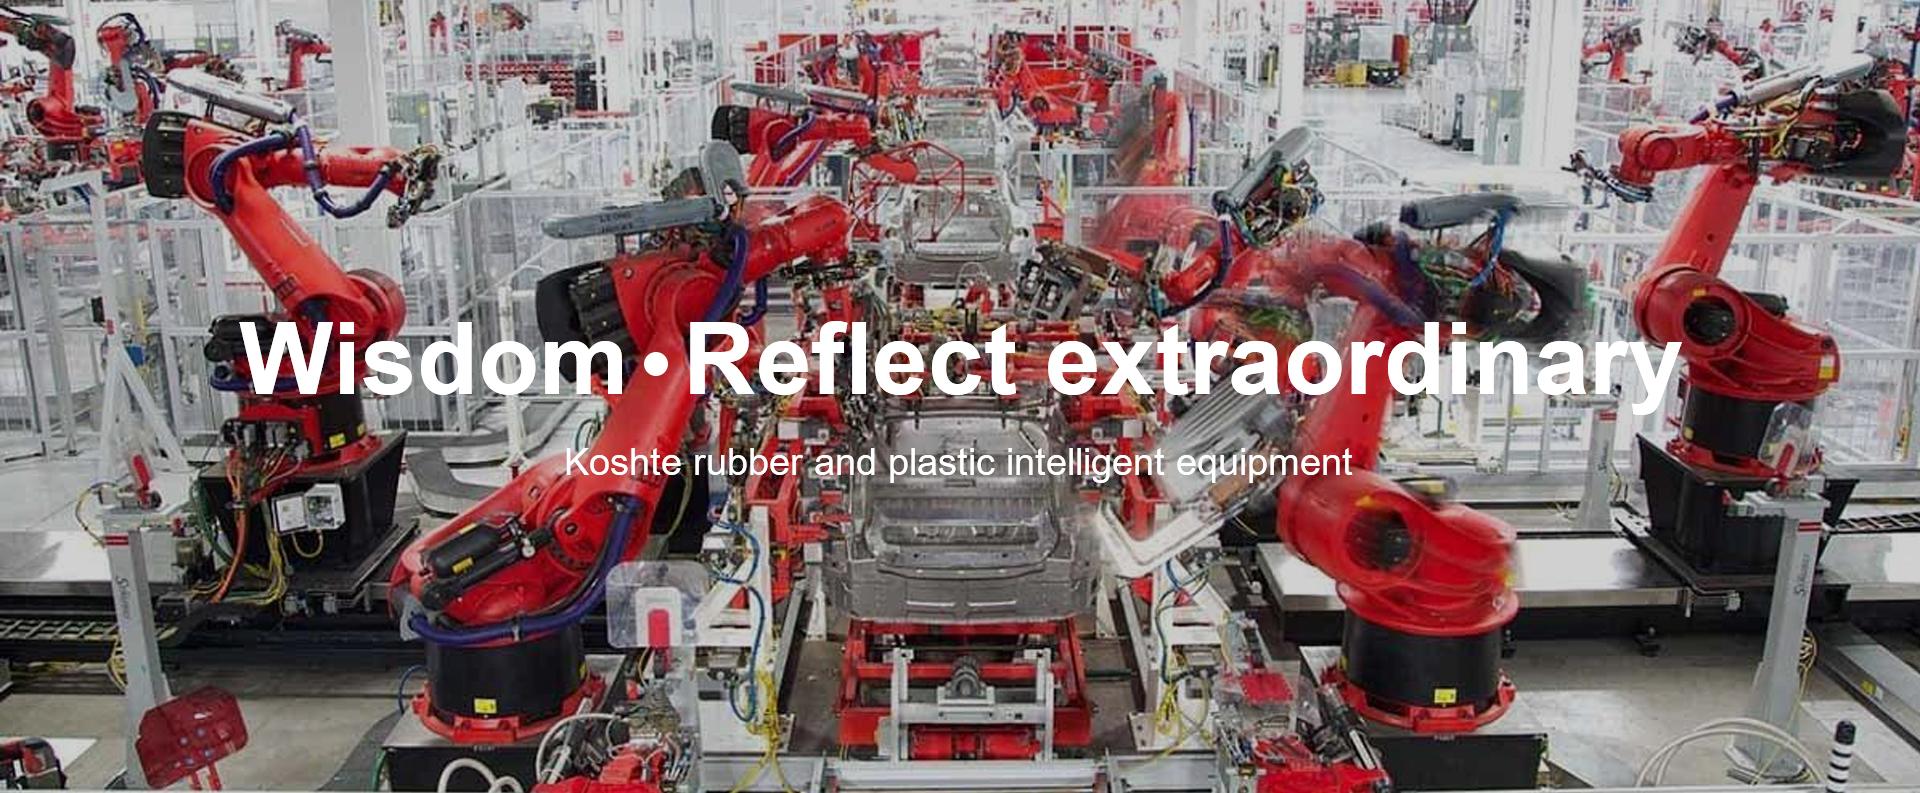 橡胶机械自动化